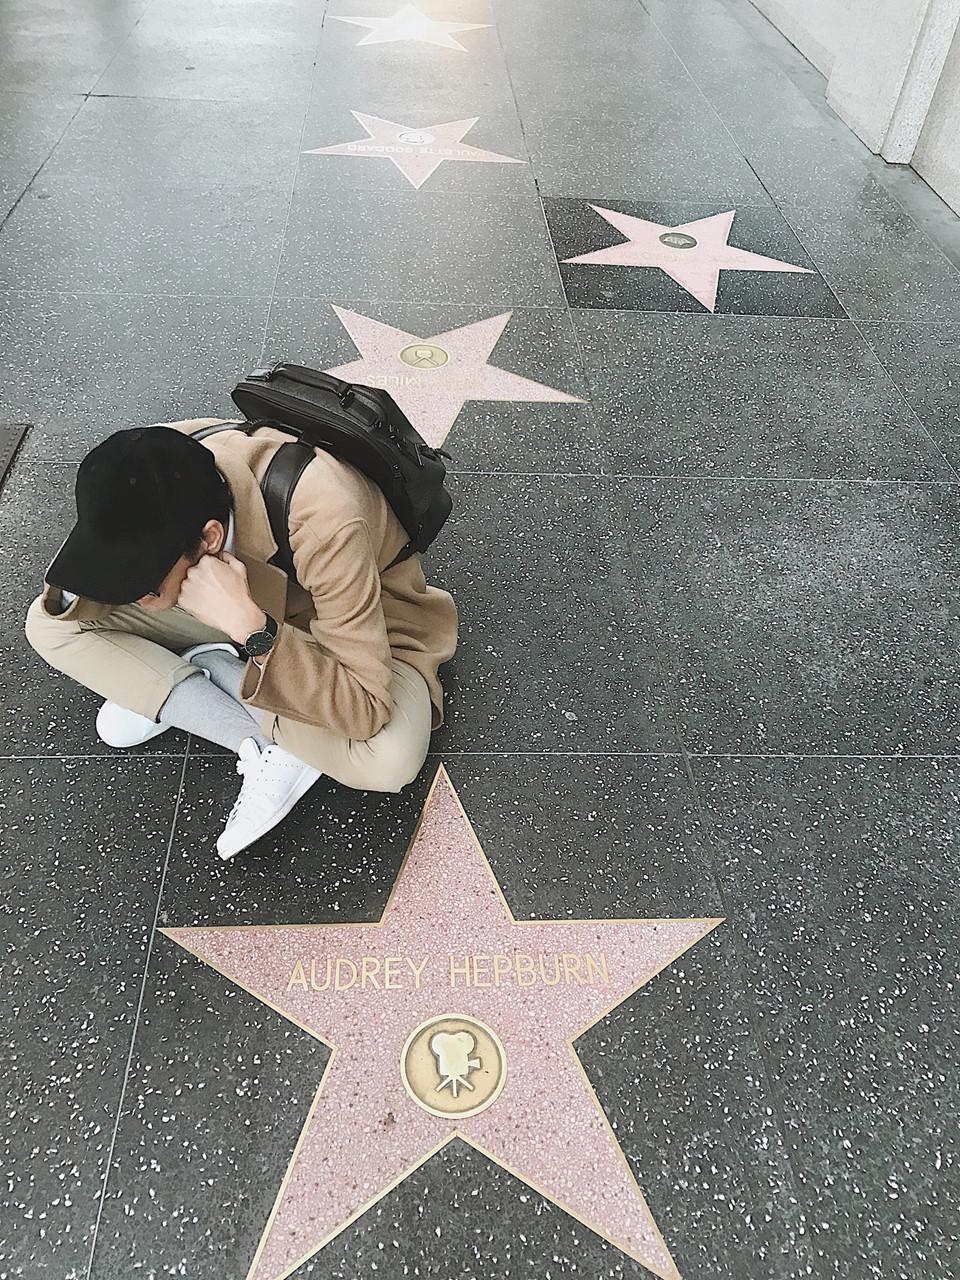 Đại lộ Danh vọng: Đại lộ Danh vọng không còn là cái tên xa lạ với nhiều người. Chỉ là một lề đường dọc đại lộ Hollywood và phố Vine ở Hollywood, California, Mỹ nhưng những điều nó mang lại cho bạn sẽ thú vị hơn bạn nghĩ. Còn gì tuyệt vời hơn khi rảo bước dọc con đường và check-in cùng những ngôi sao nổi tiếng?